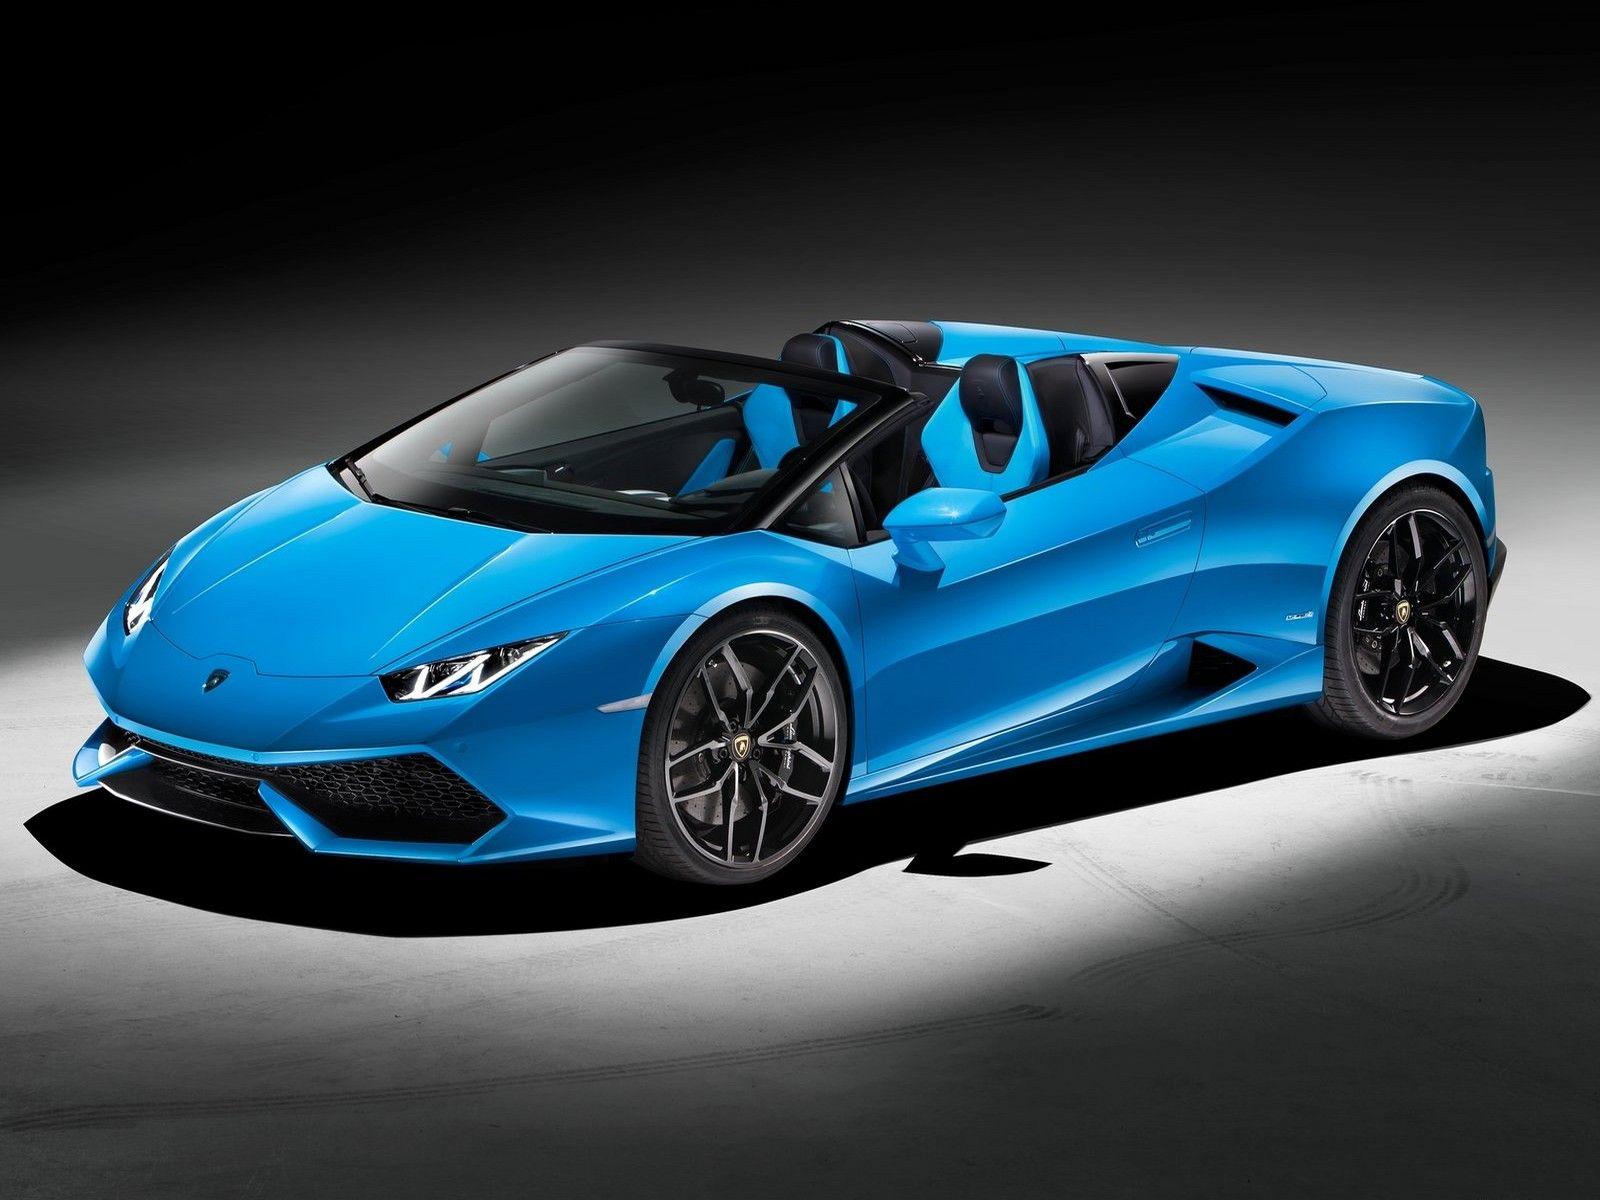 2017 Lamborghini Huracan Spyder - 01: Le design de la Lamborghini Huracan Spyder : chaque élément a été repensé dans le but d'éliminer le toit sans compromettre aucunement l'aérodynamique ni la rigidité torsionnelle du véhicule.